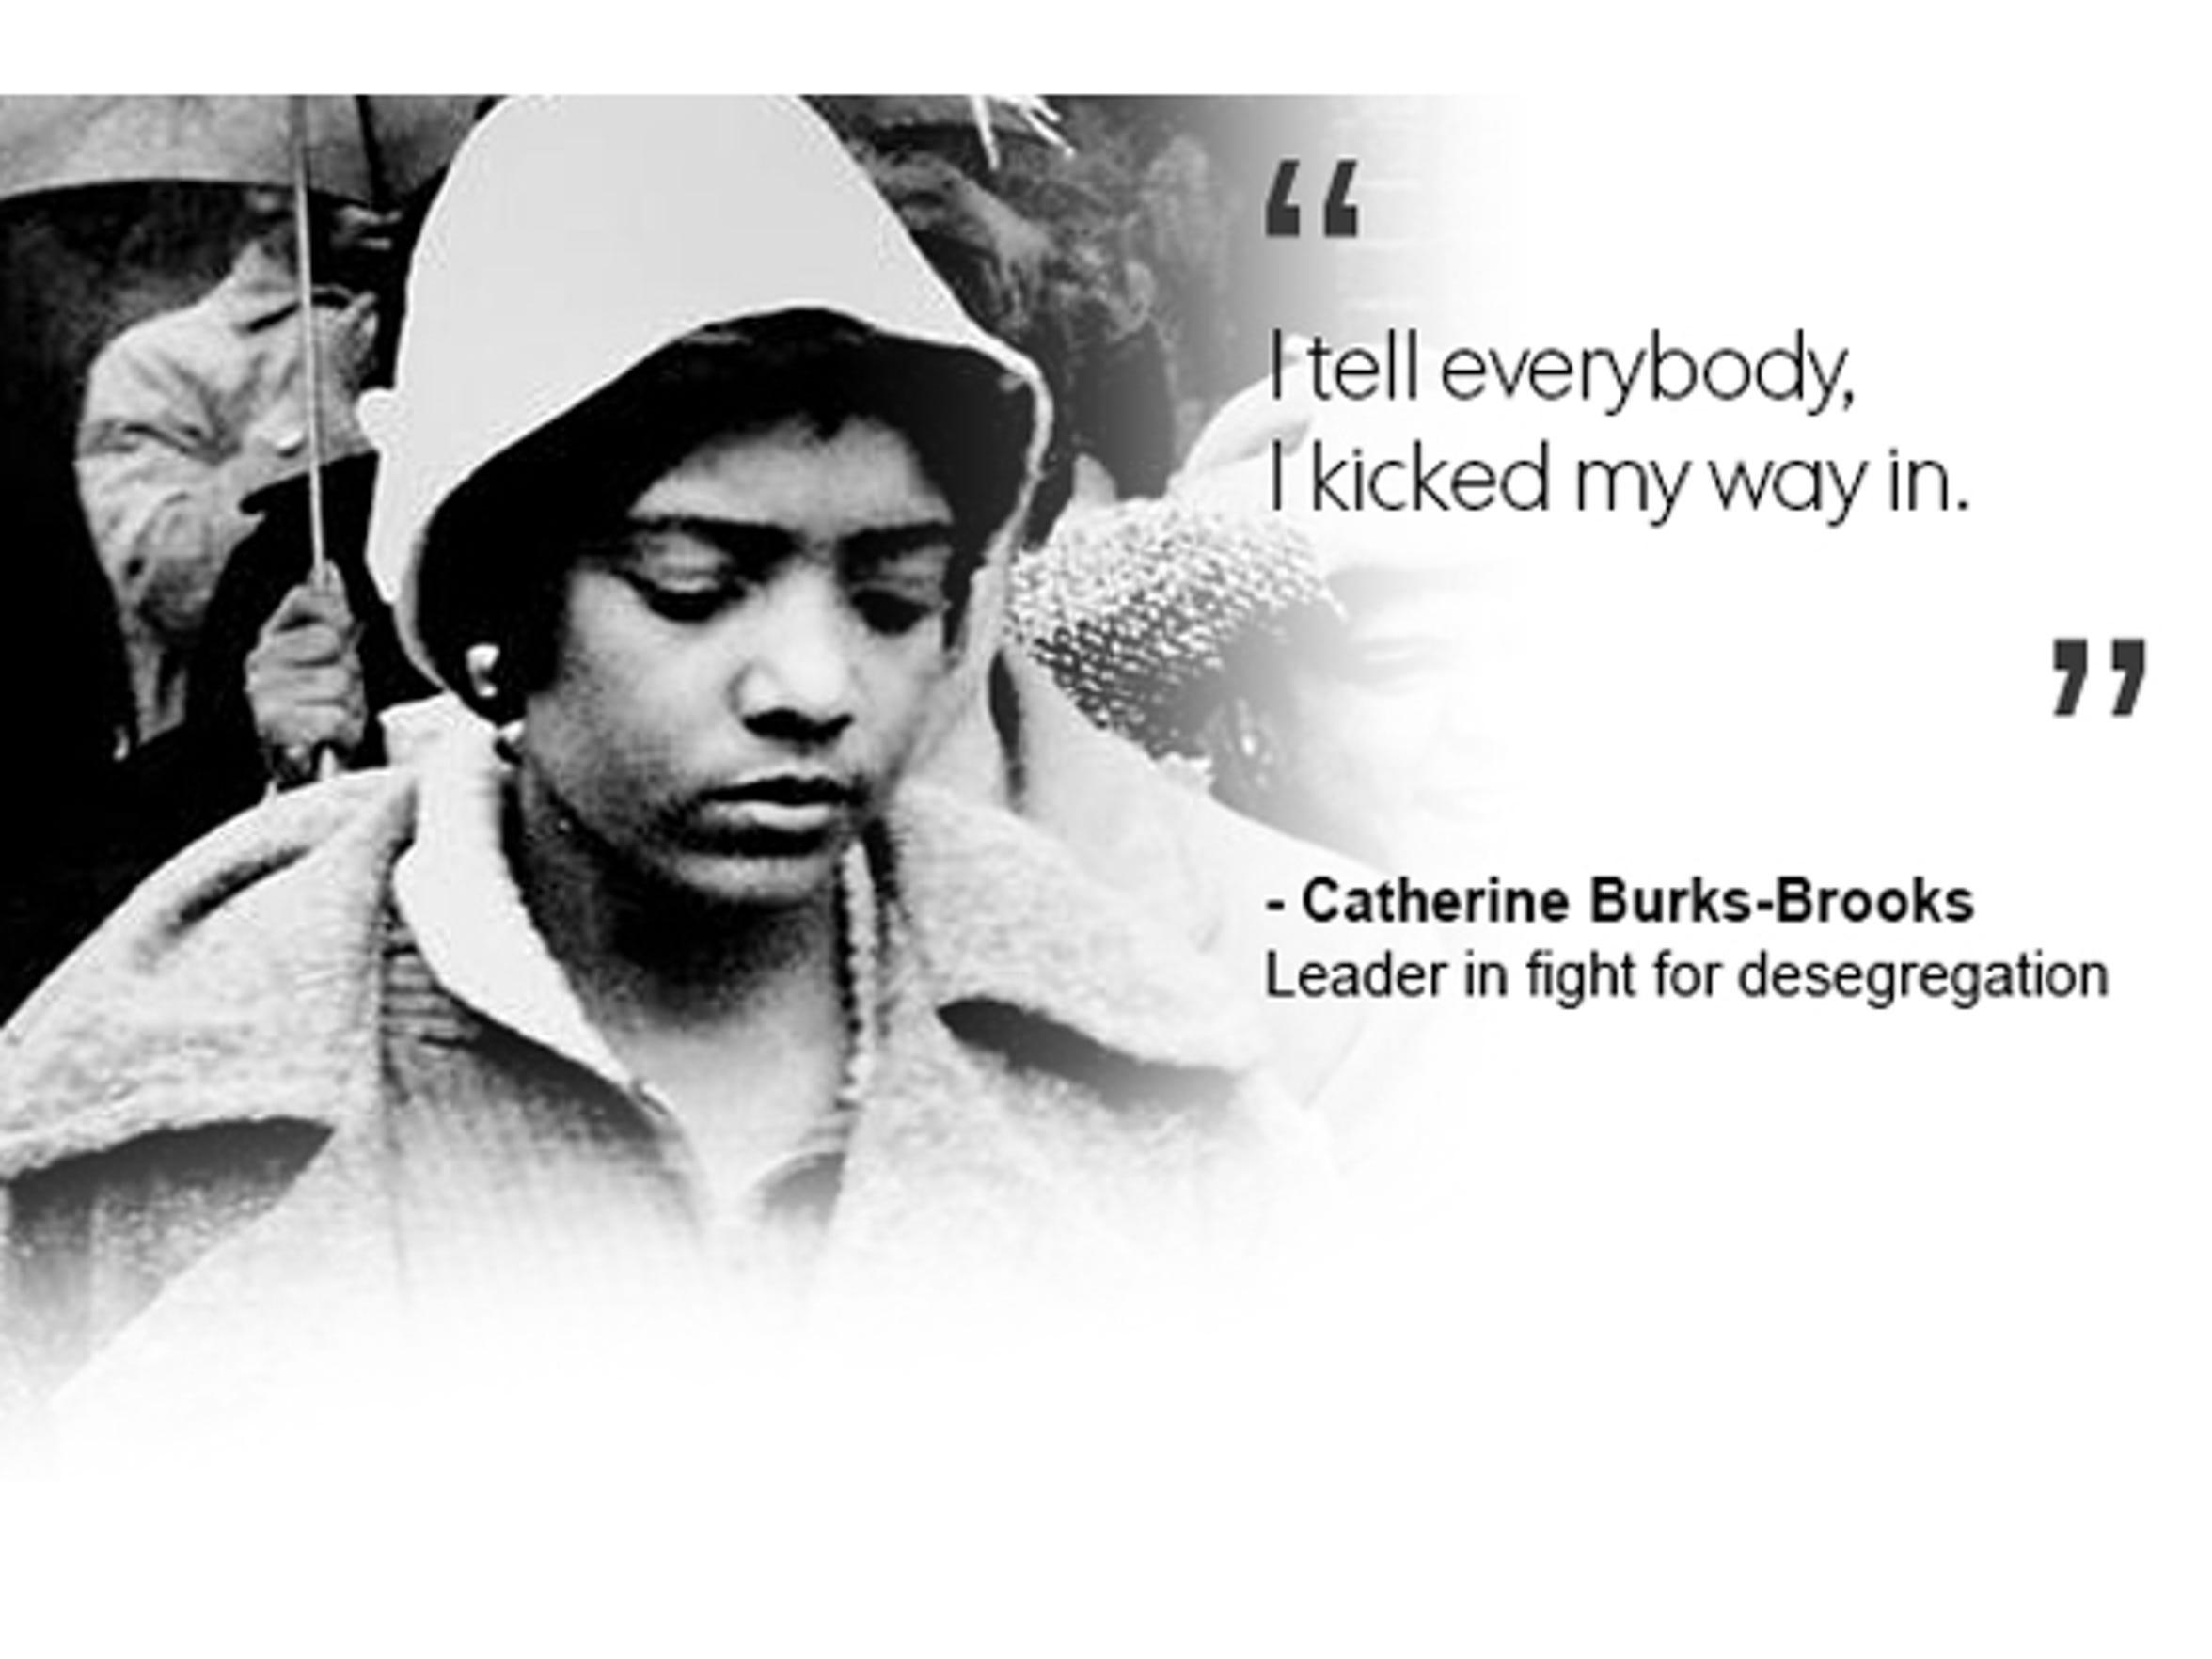 Catherine Burks-Brooks, leader in fight for desegregation